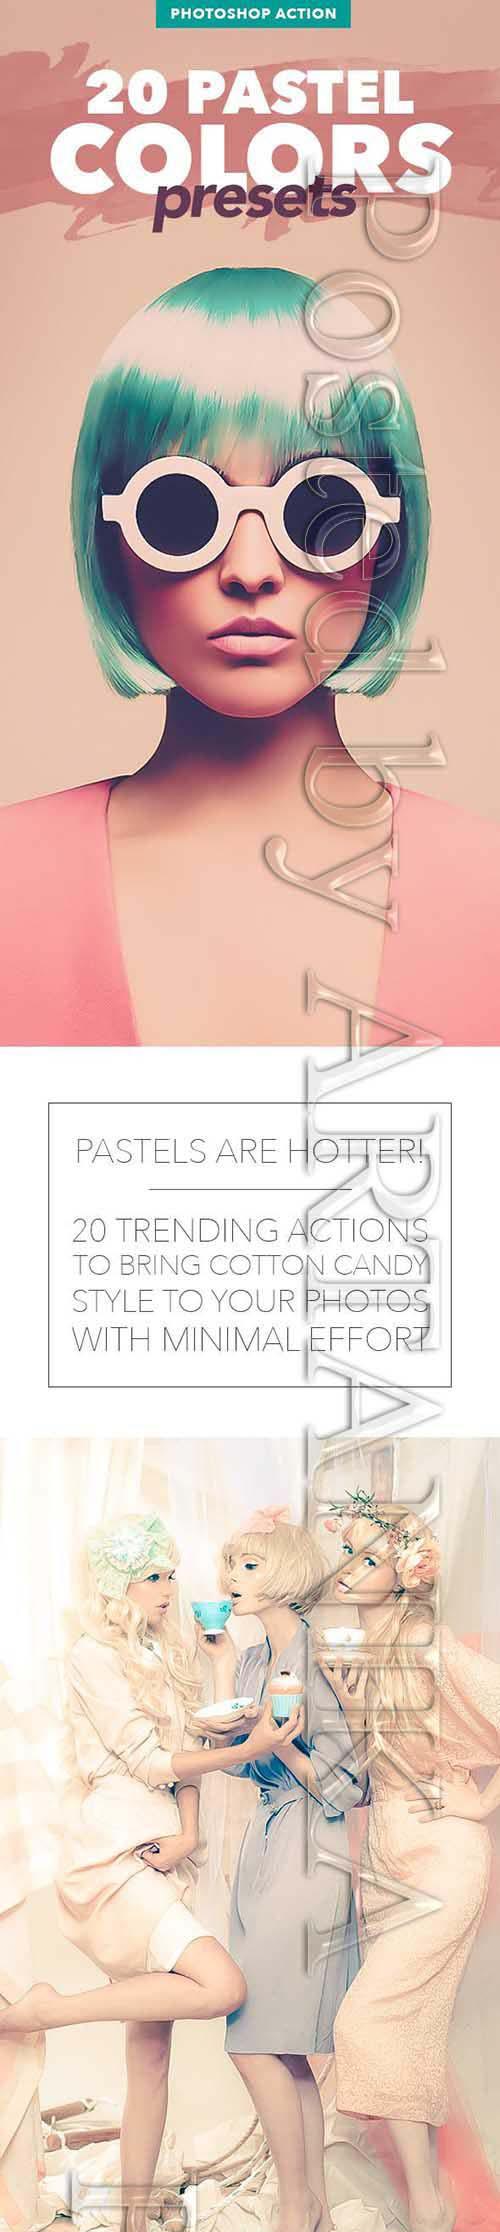 20 Pastel Colors Presets - Photoshop Action 12017470